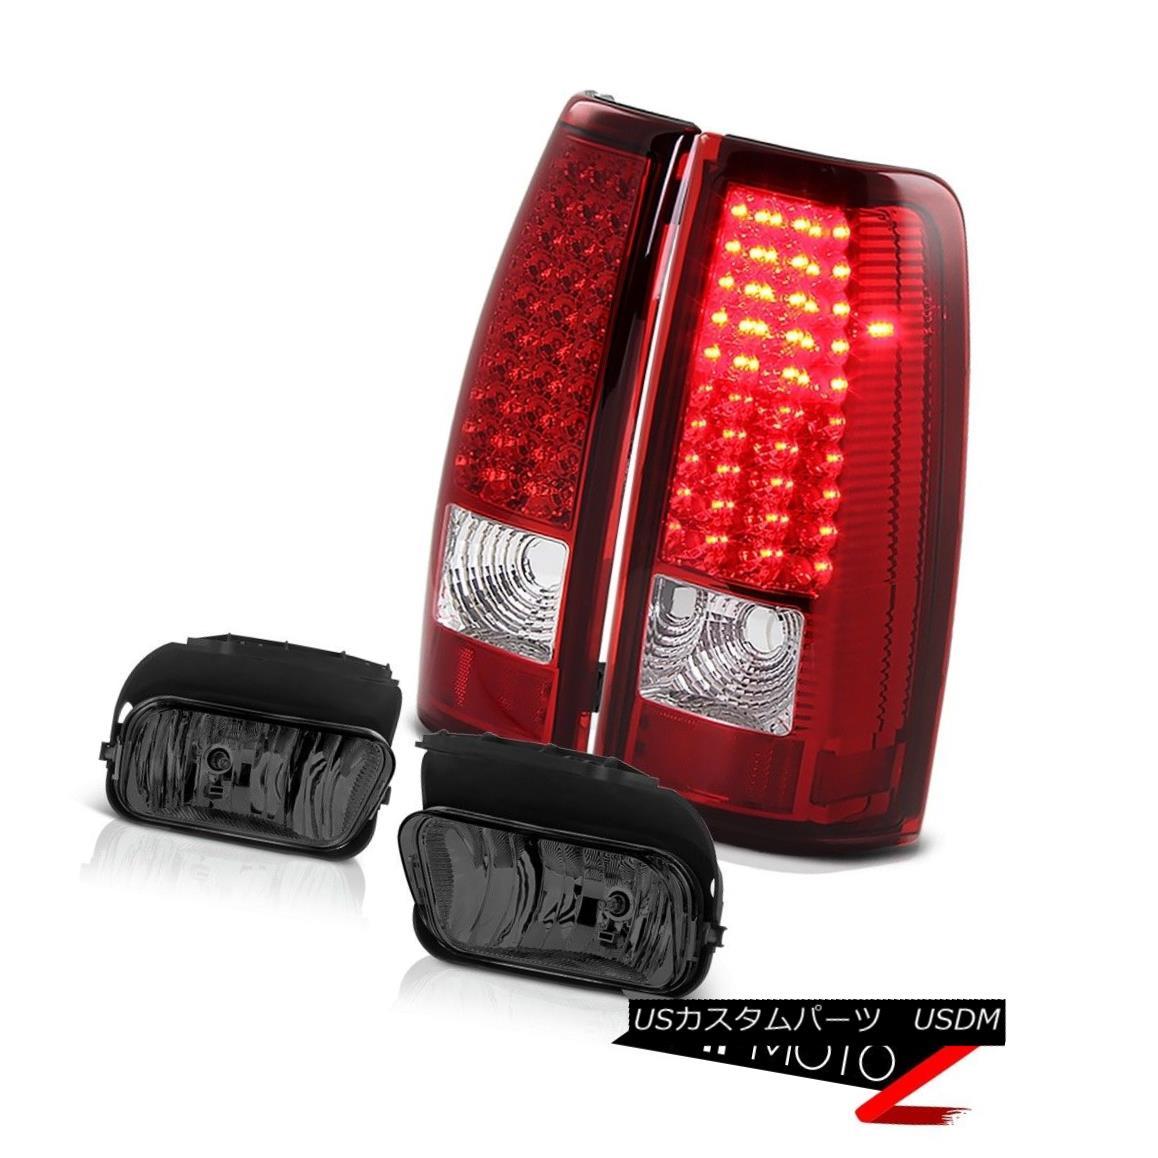 テールライト Red Chrome SMDEuro LED Tail Lights Driving Foglights 2005 2006 Silverado 6.0 V8 レッドクロムSMDユーロLEDテールライトフォグライト2005年を運転するSilverado 6.0 V8